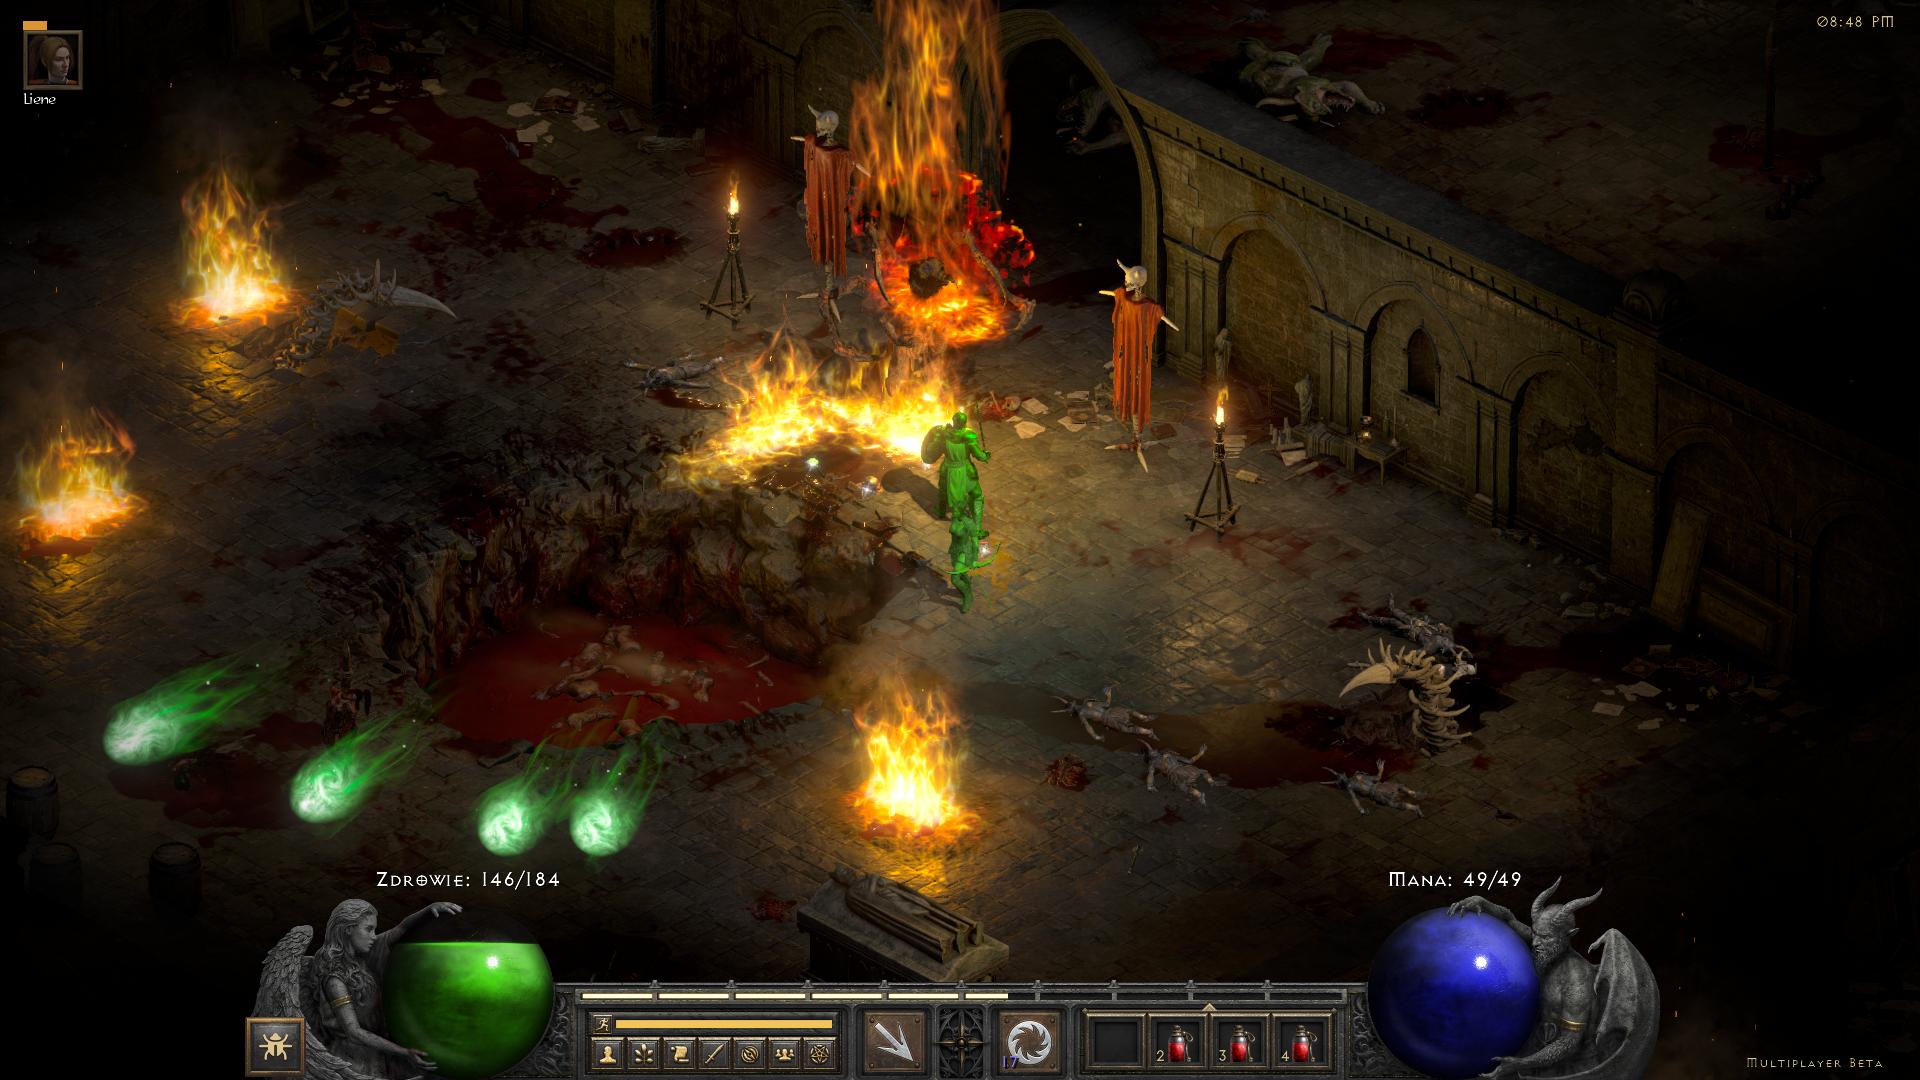 Gra świateł to zdecydowanie jedna z największych zalet wersji Resurrected